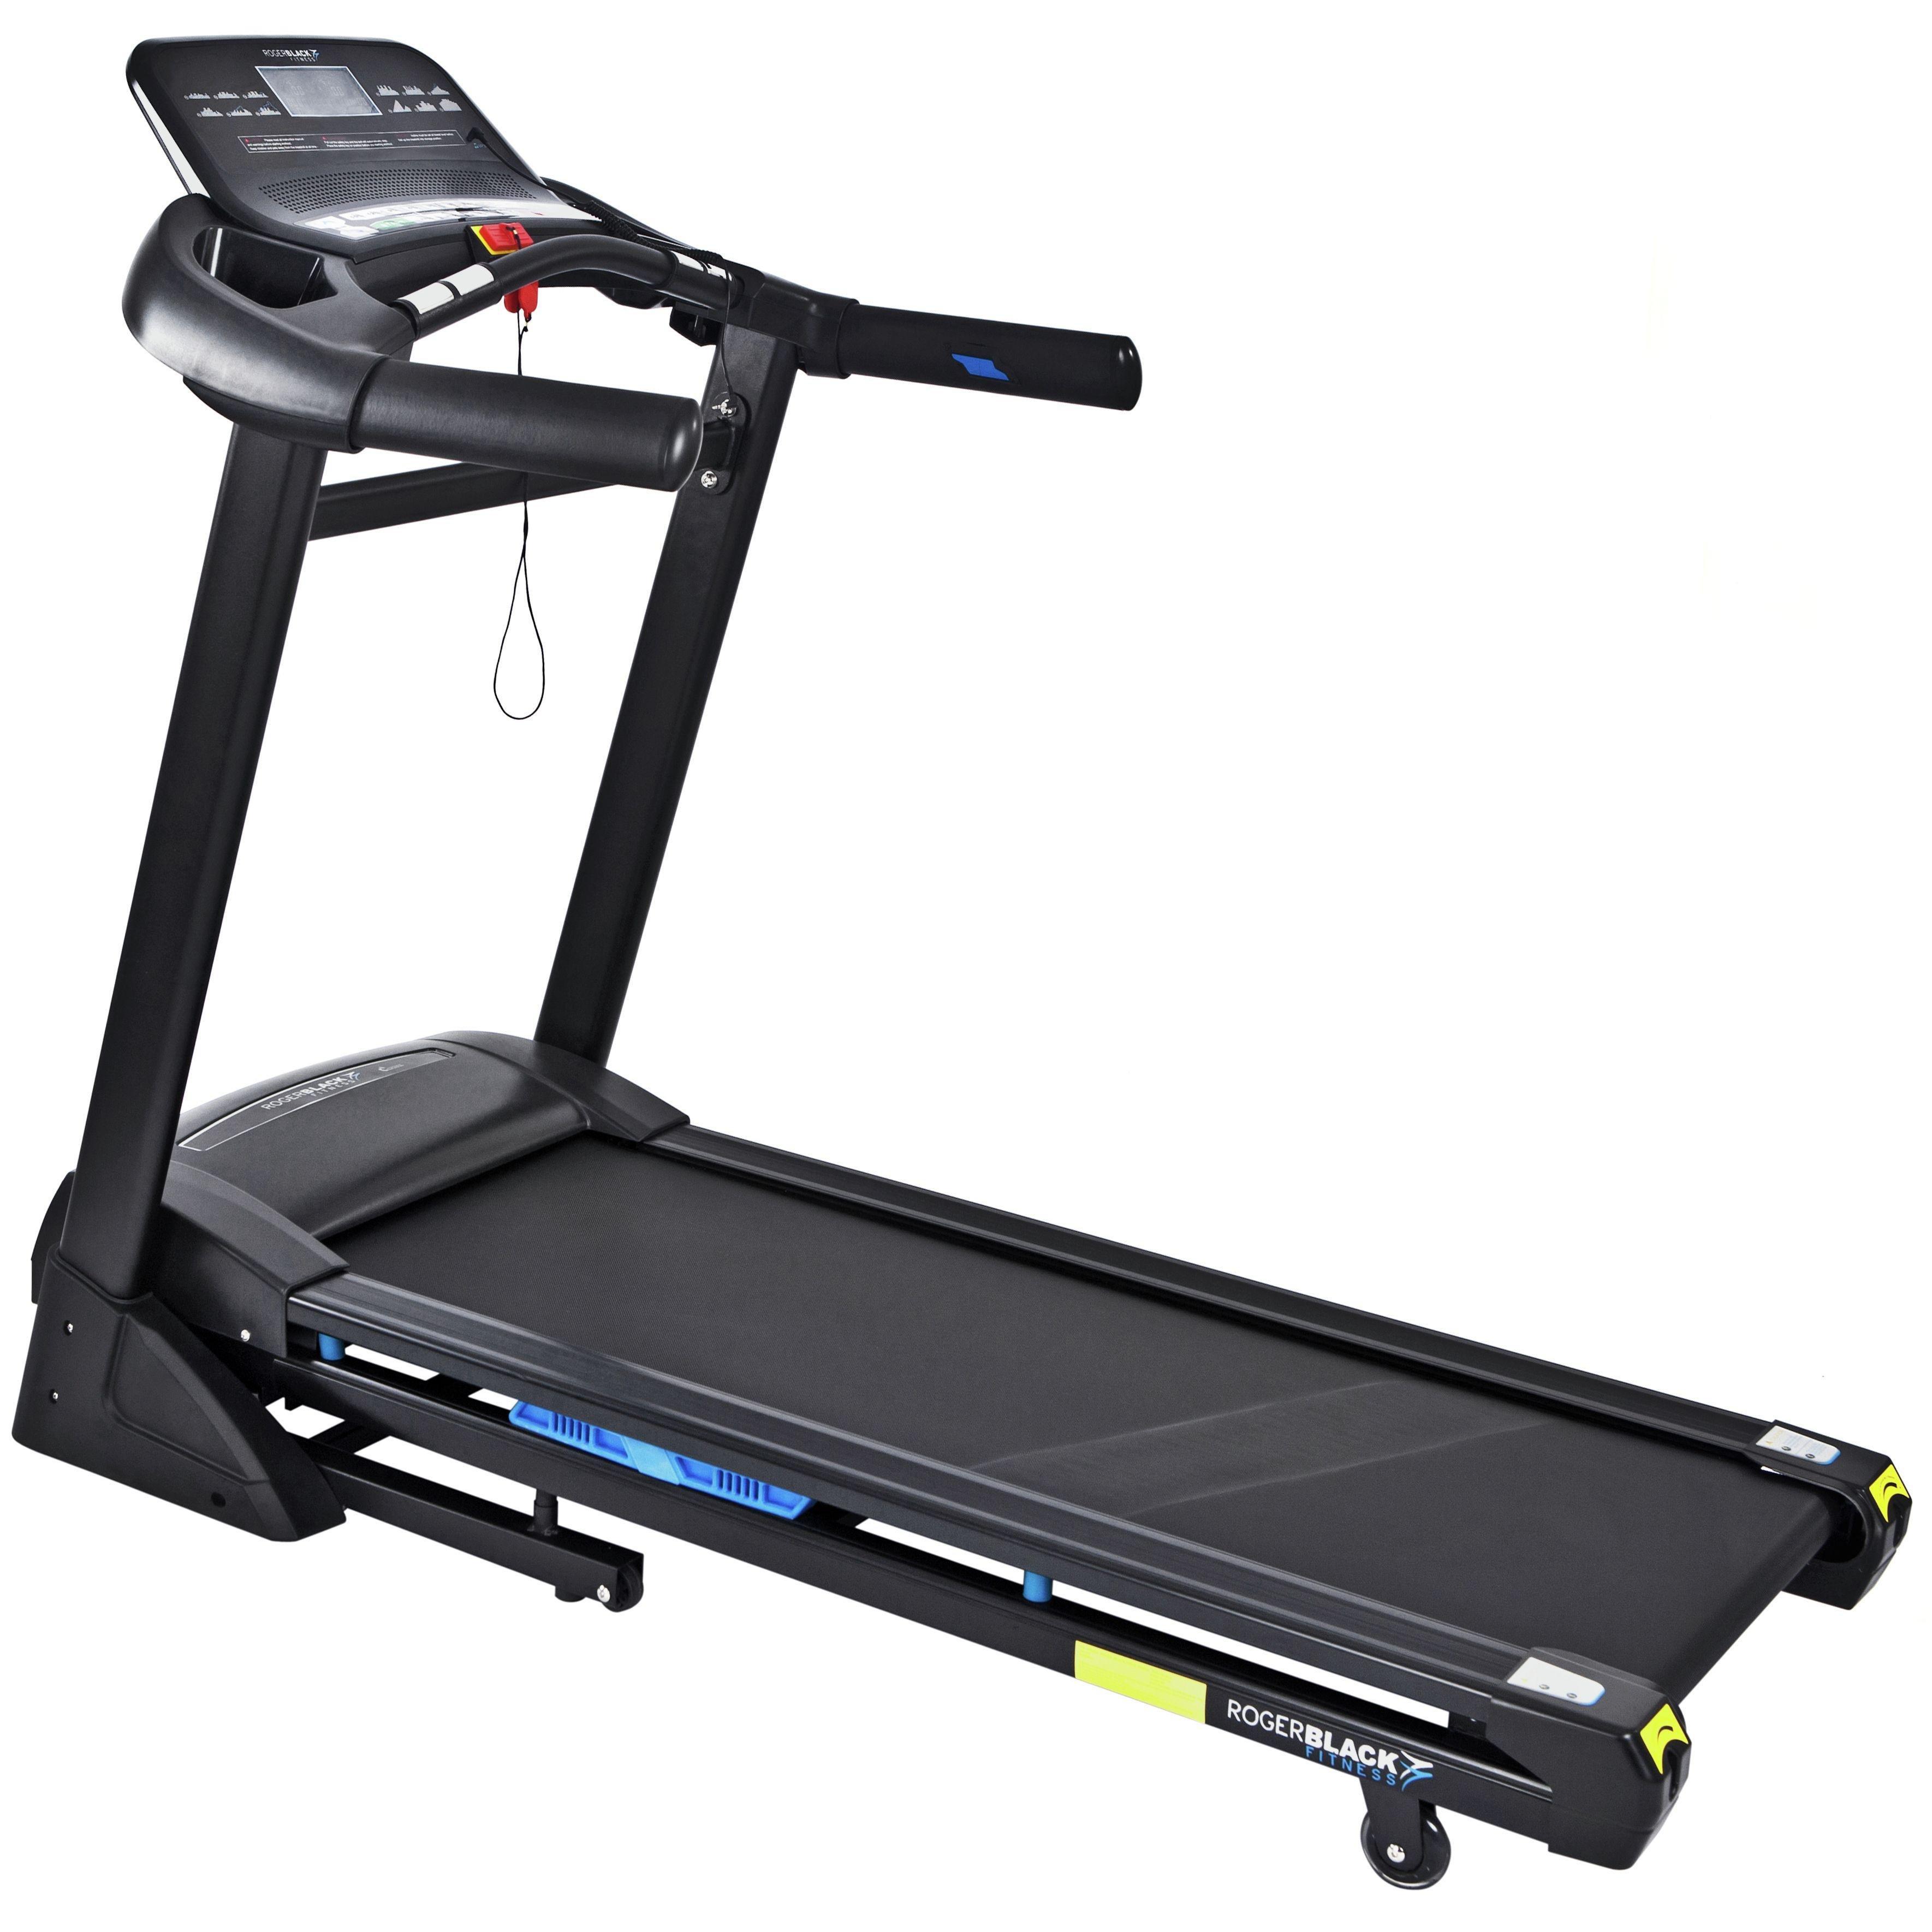 Roger Black Platinum Treadmill